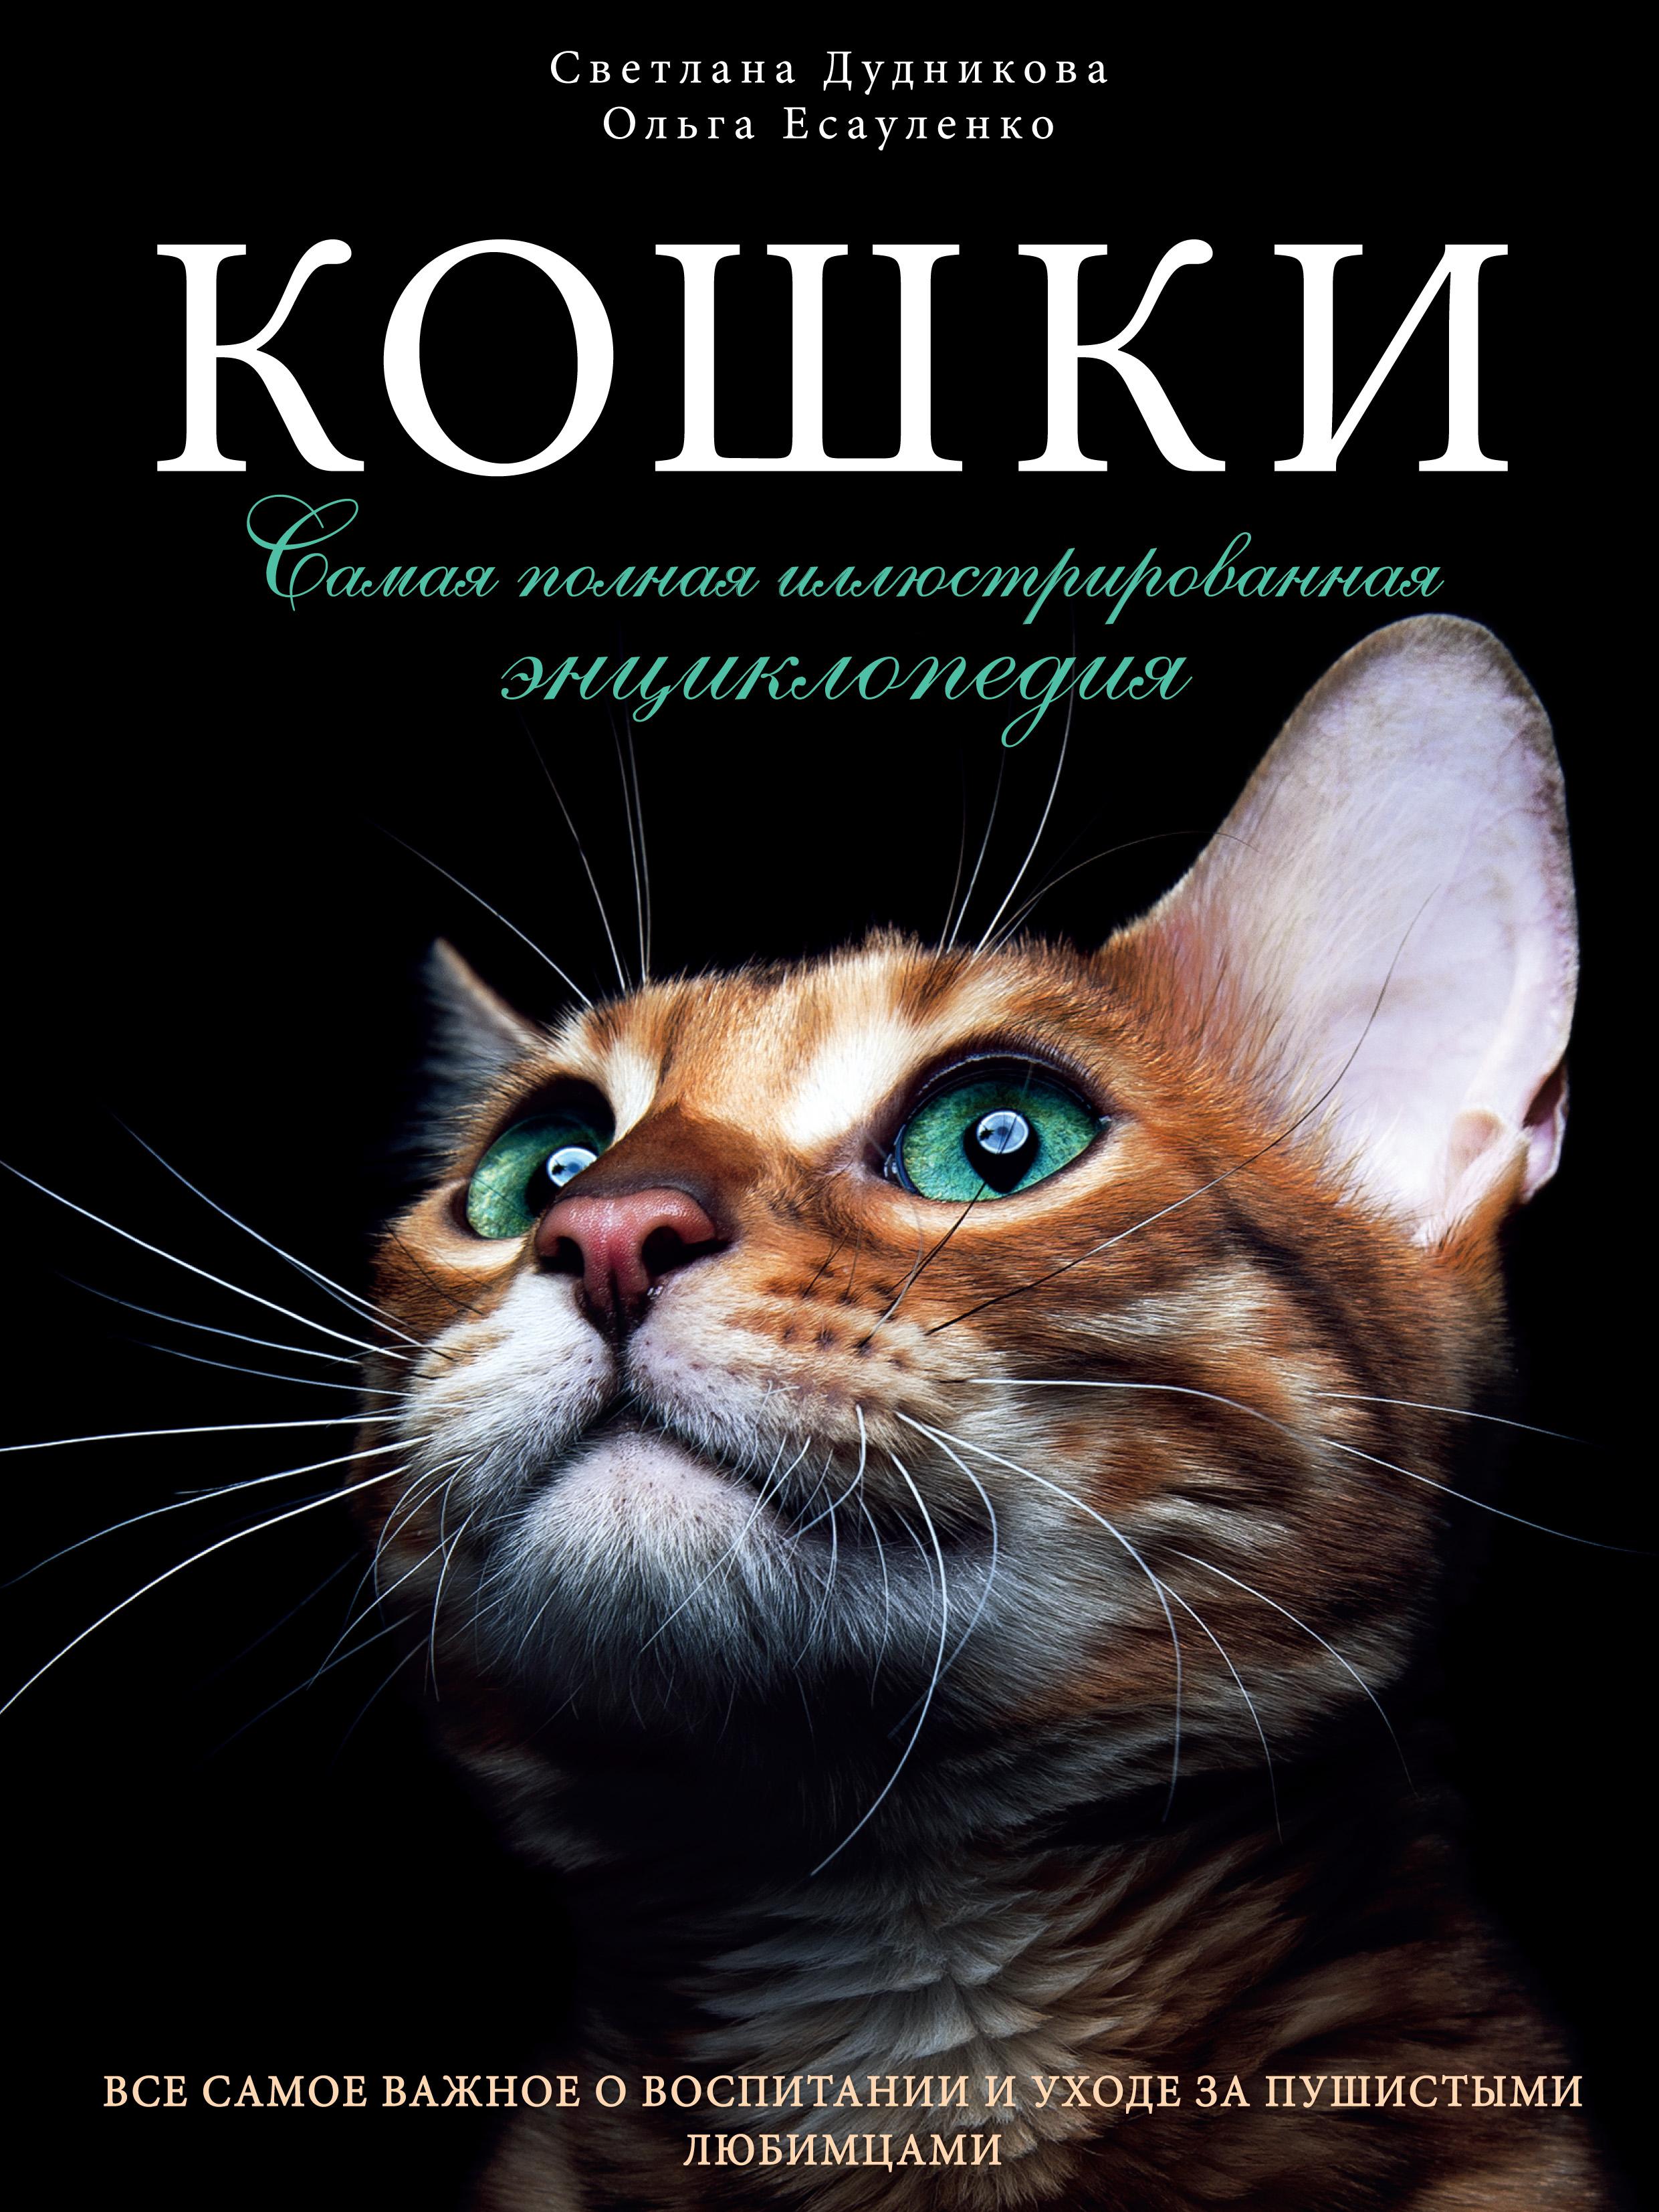 Книги с кошками список